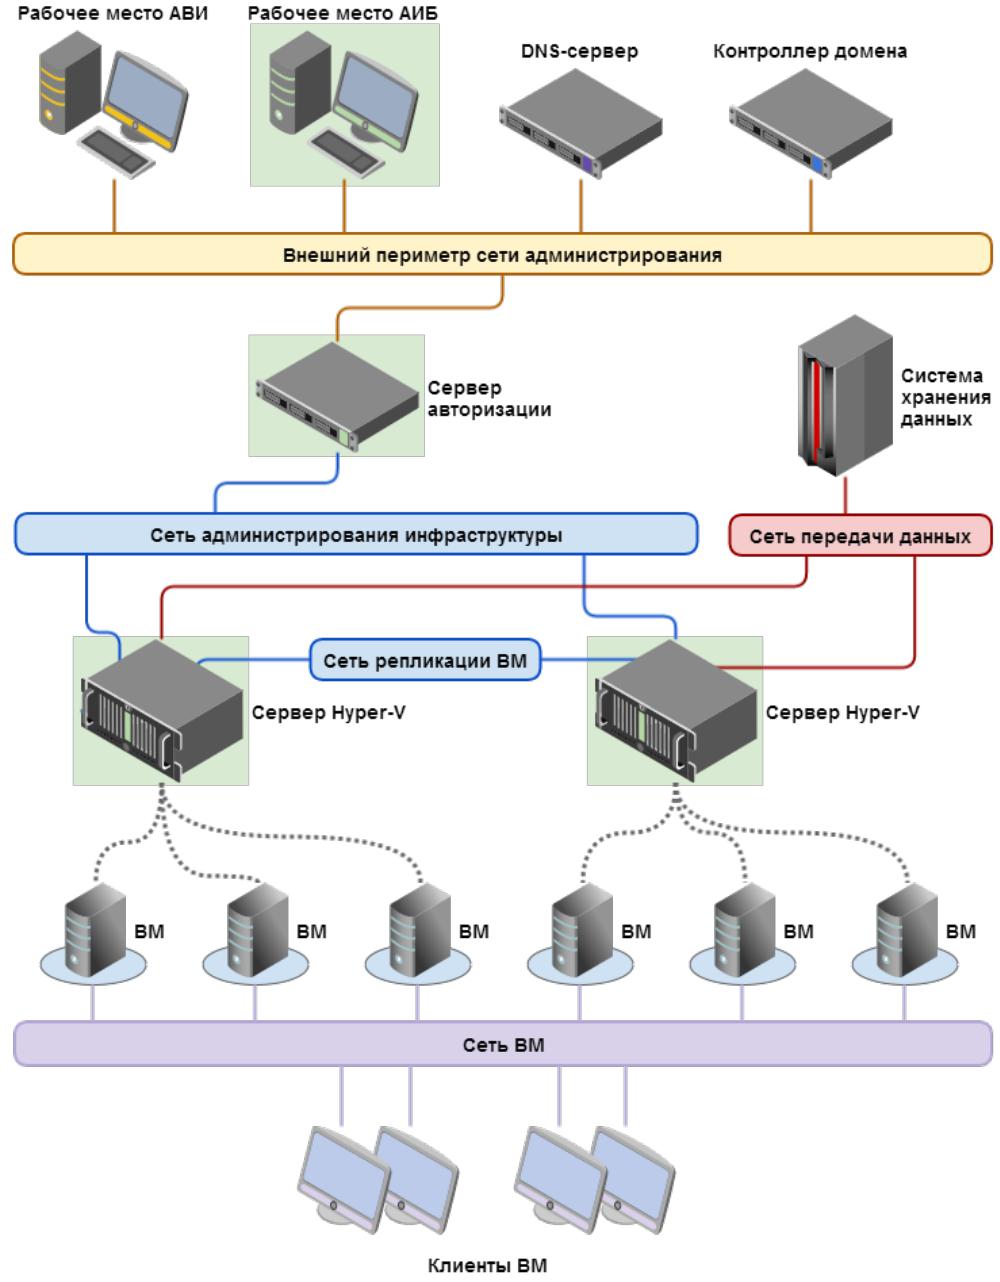 Виртуальный сервер для локальной сети хостинг-видео